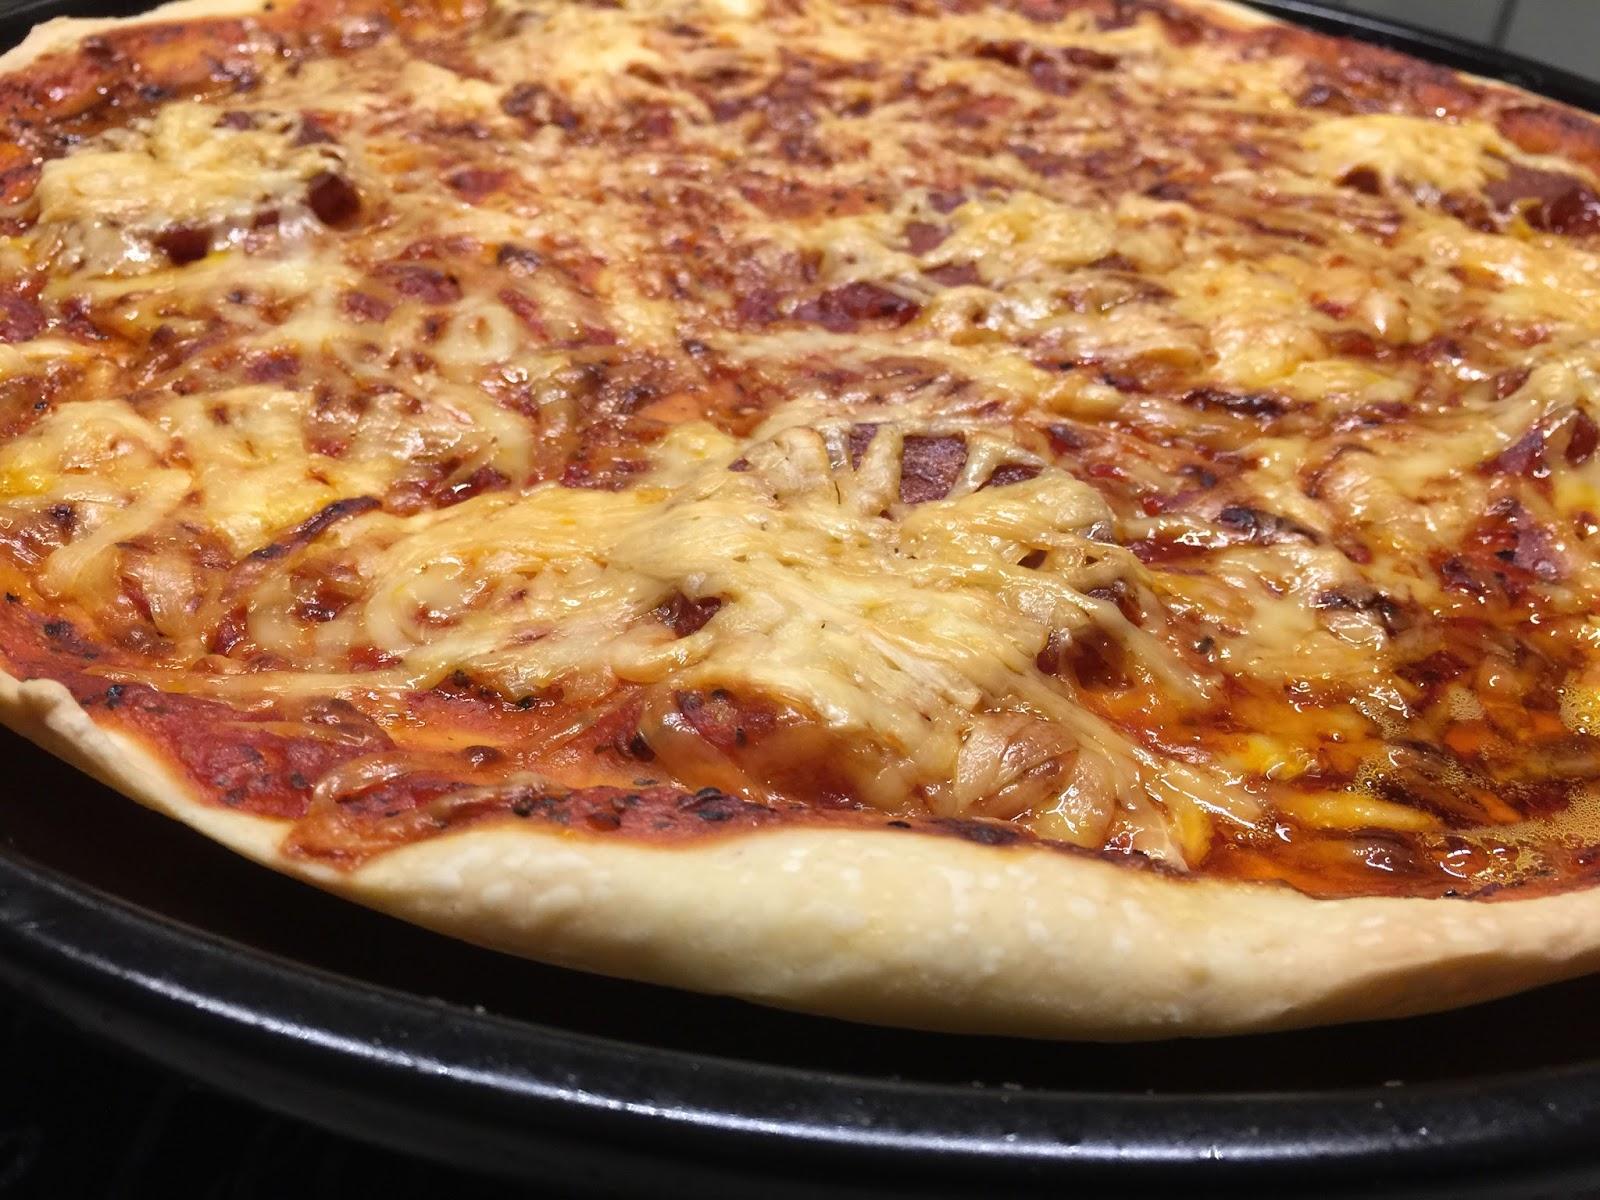 Pizza vom Rockcrok Grillstein | Martina Ziehl mit Pampered Chef